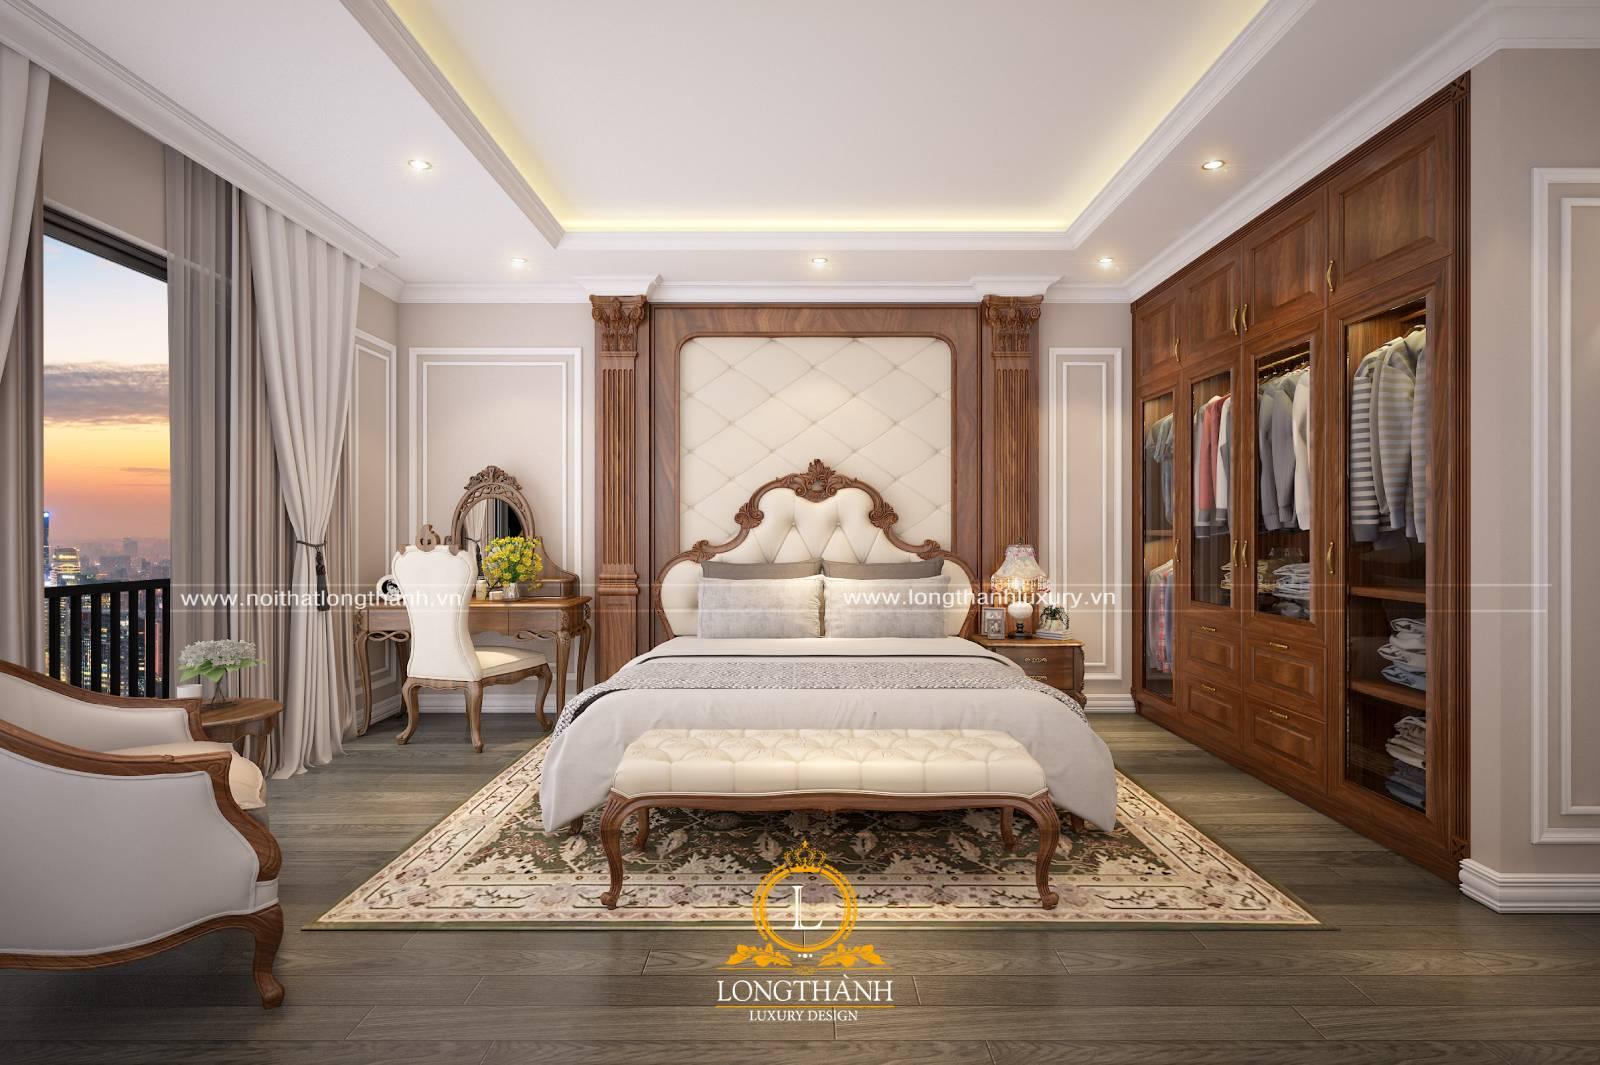 Mẫu giường ngủ bọc da đẹp sang trọng hiện đại